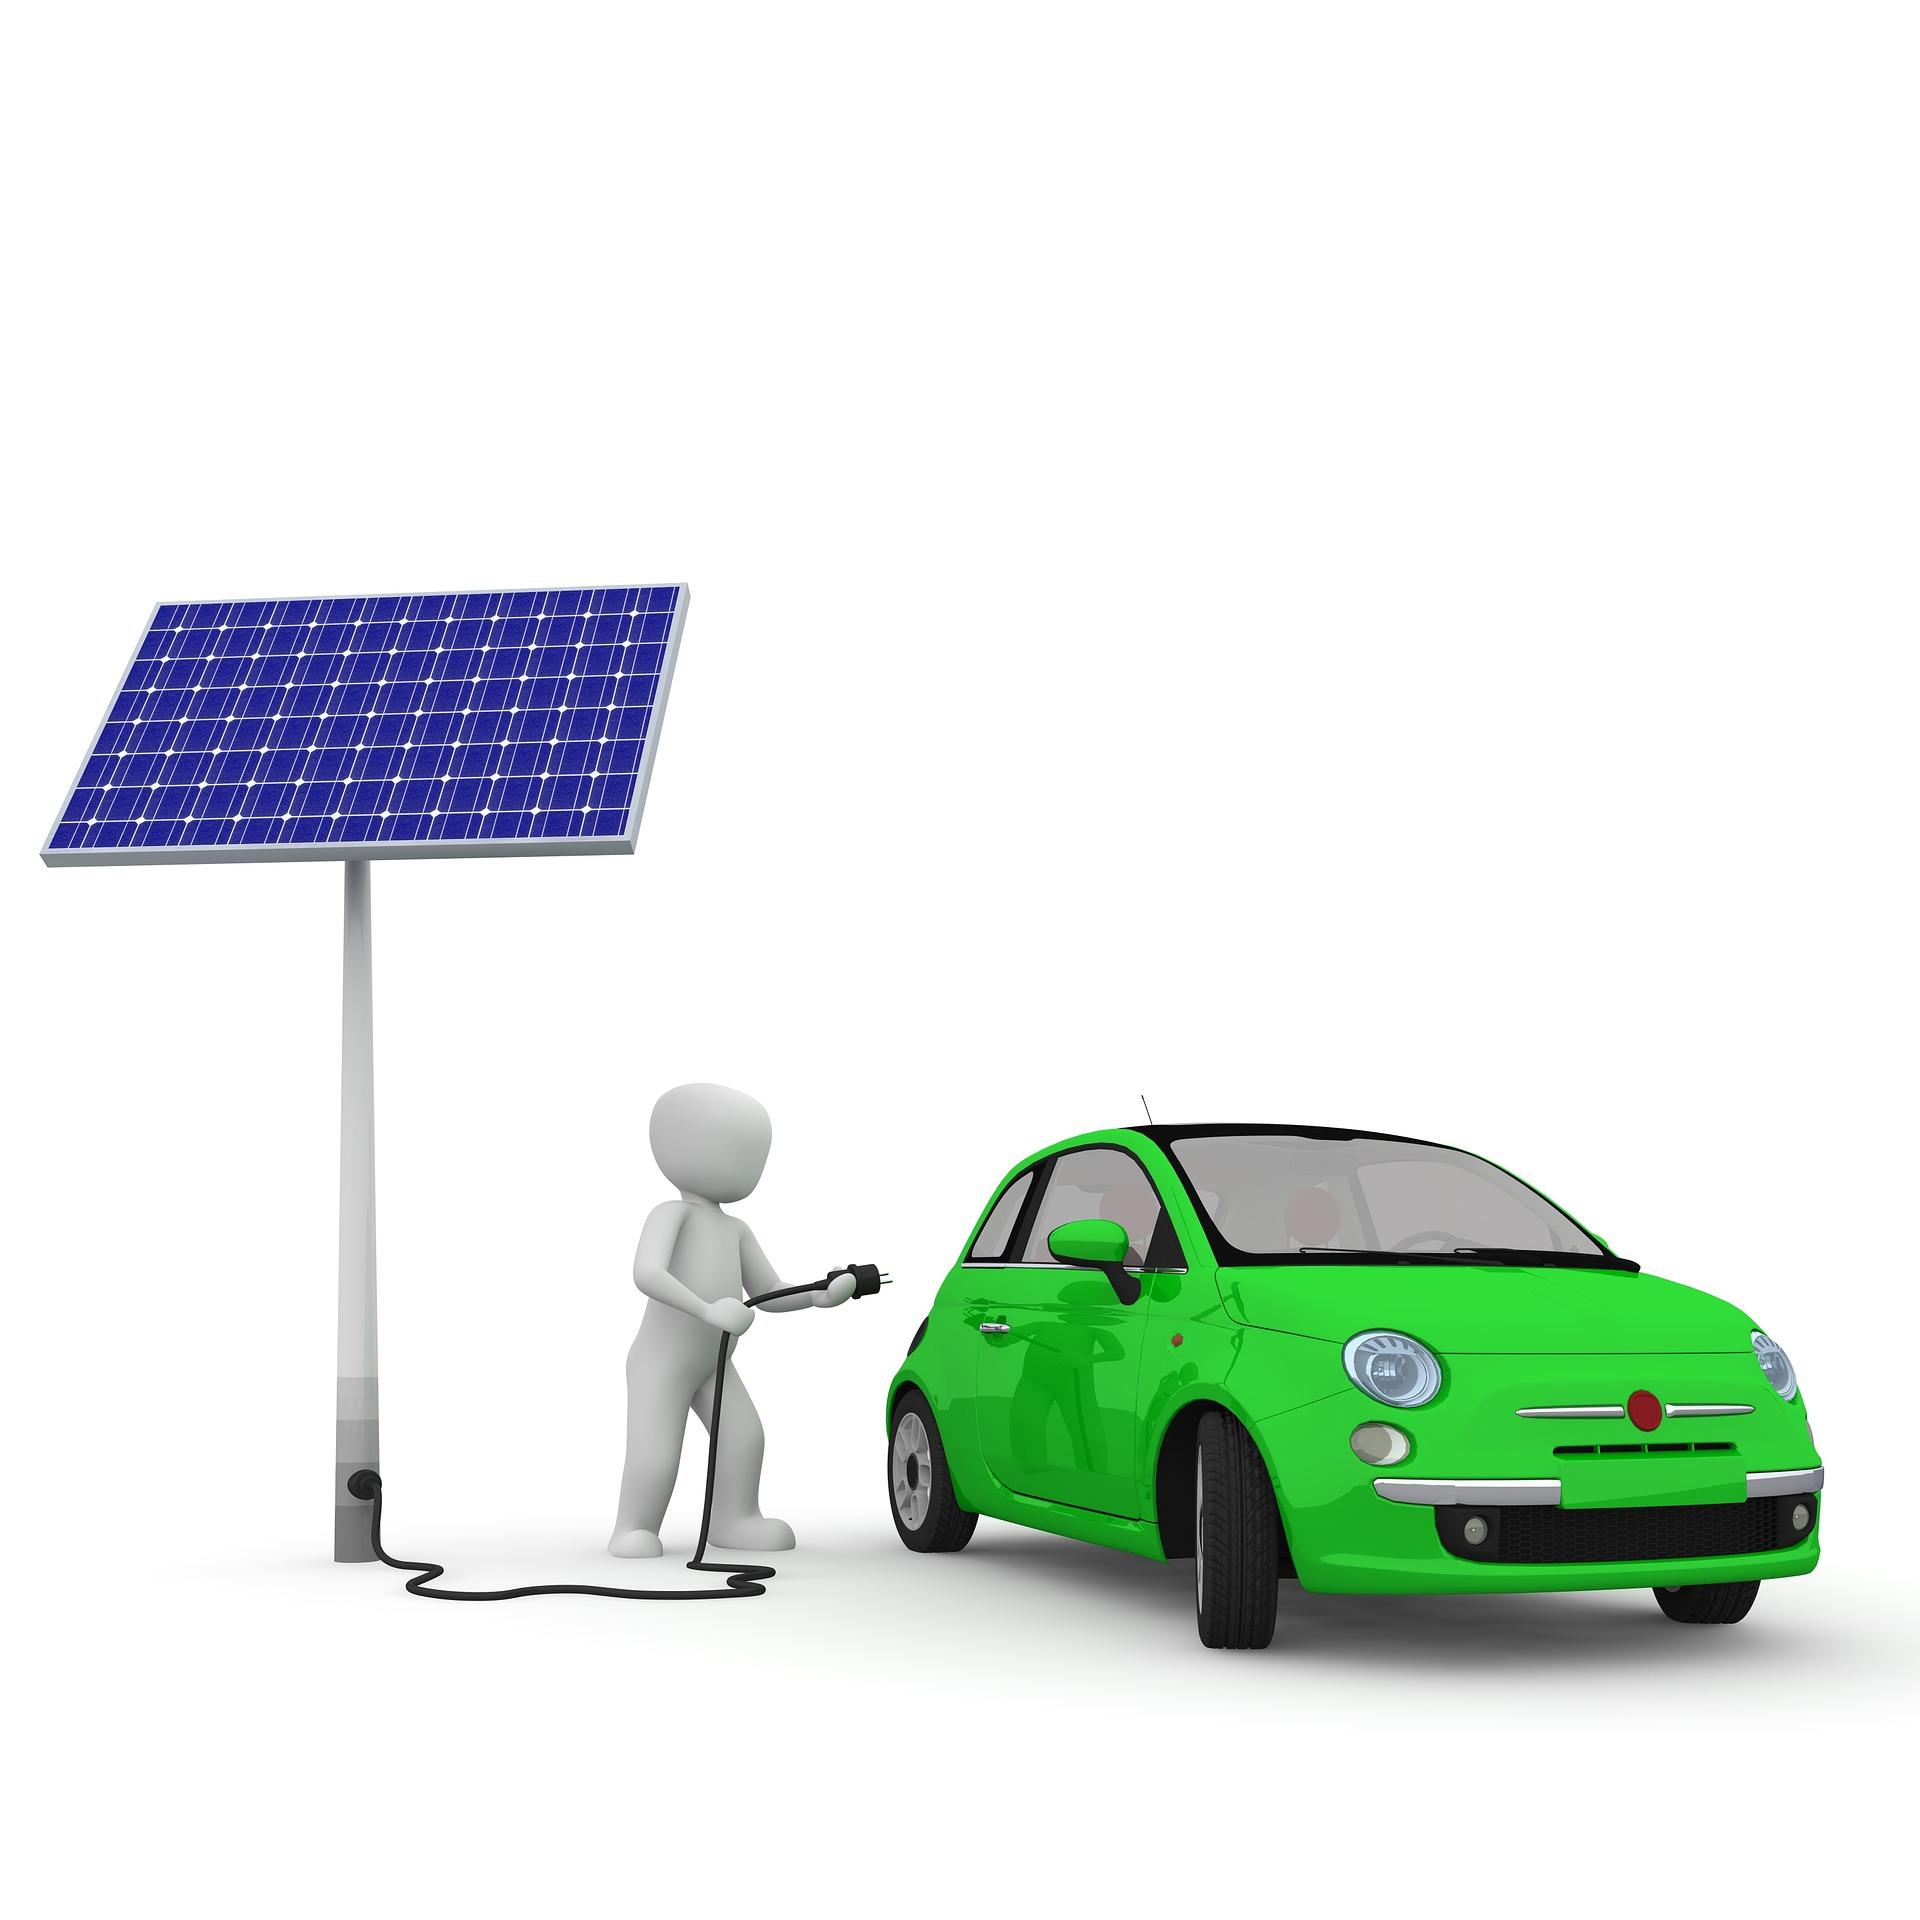 Solar energy in 2050